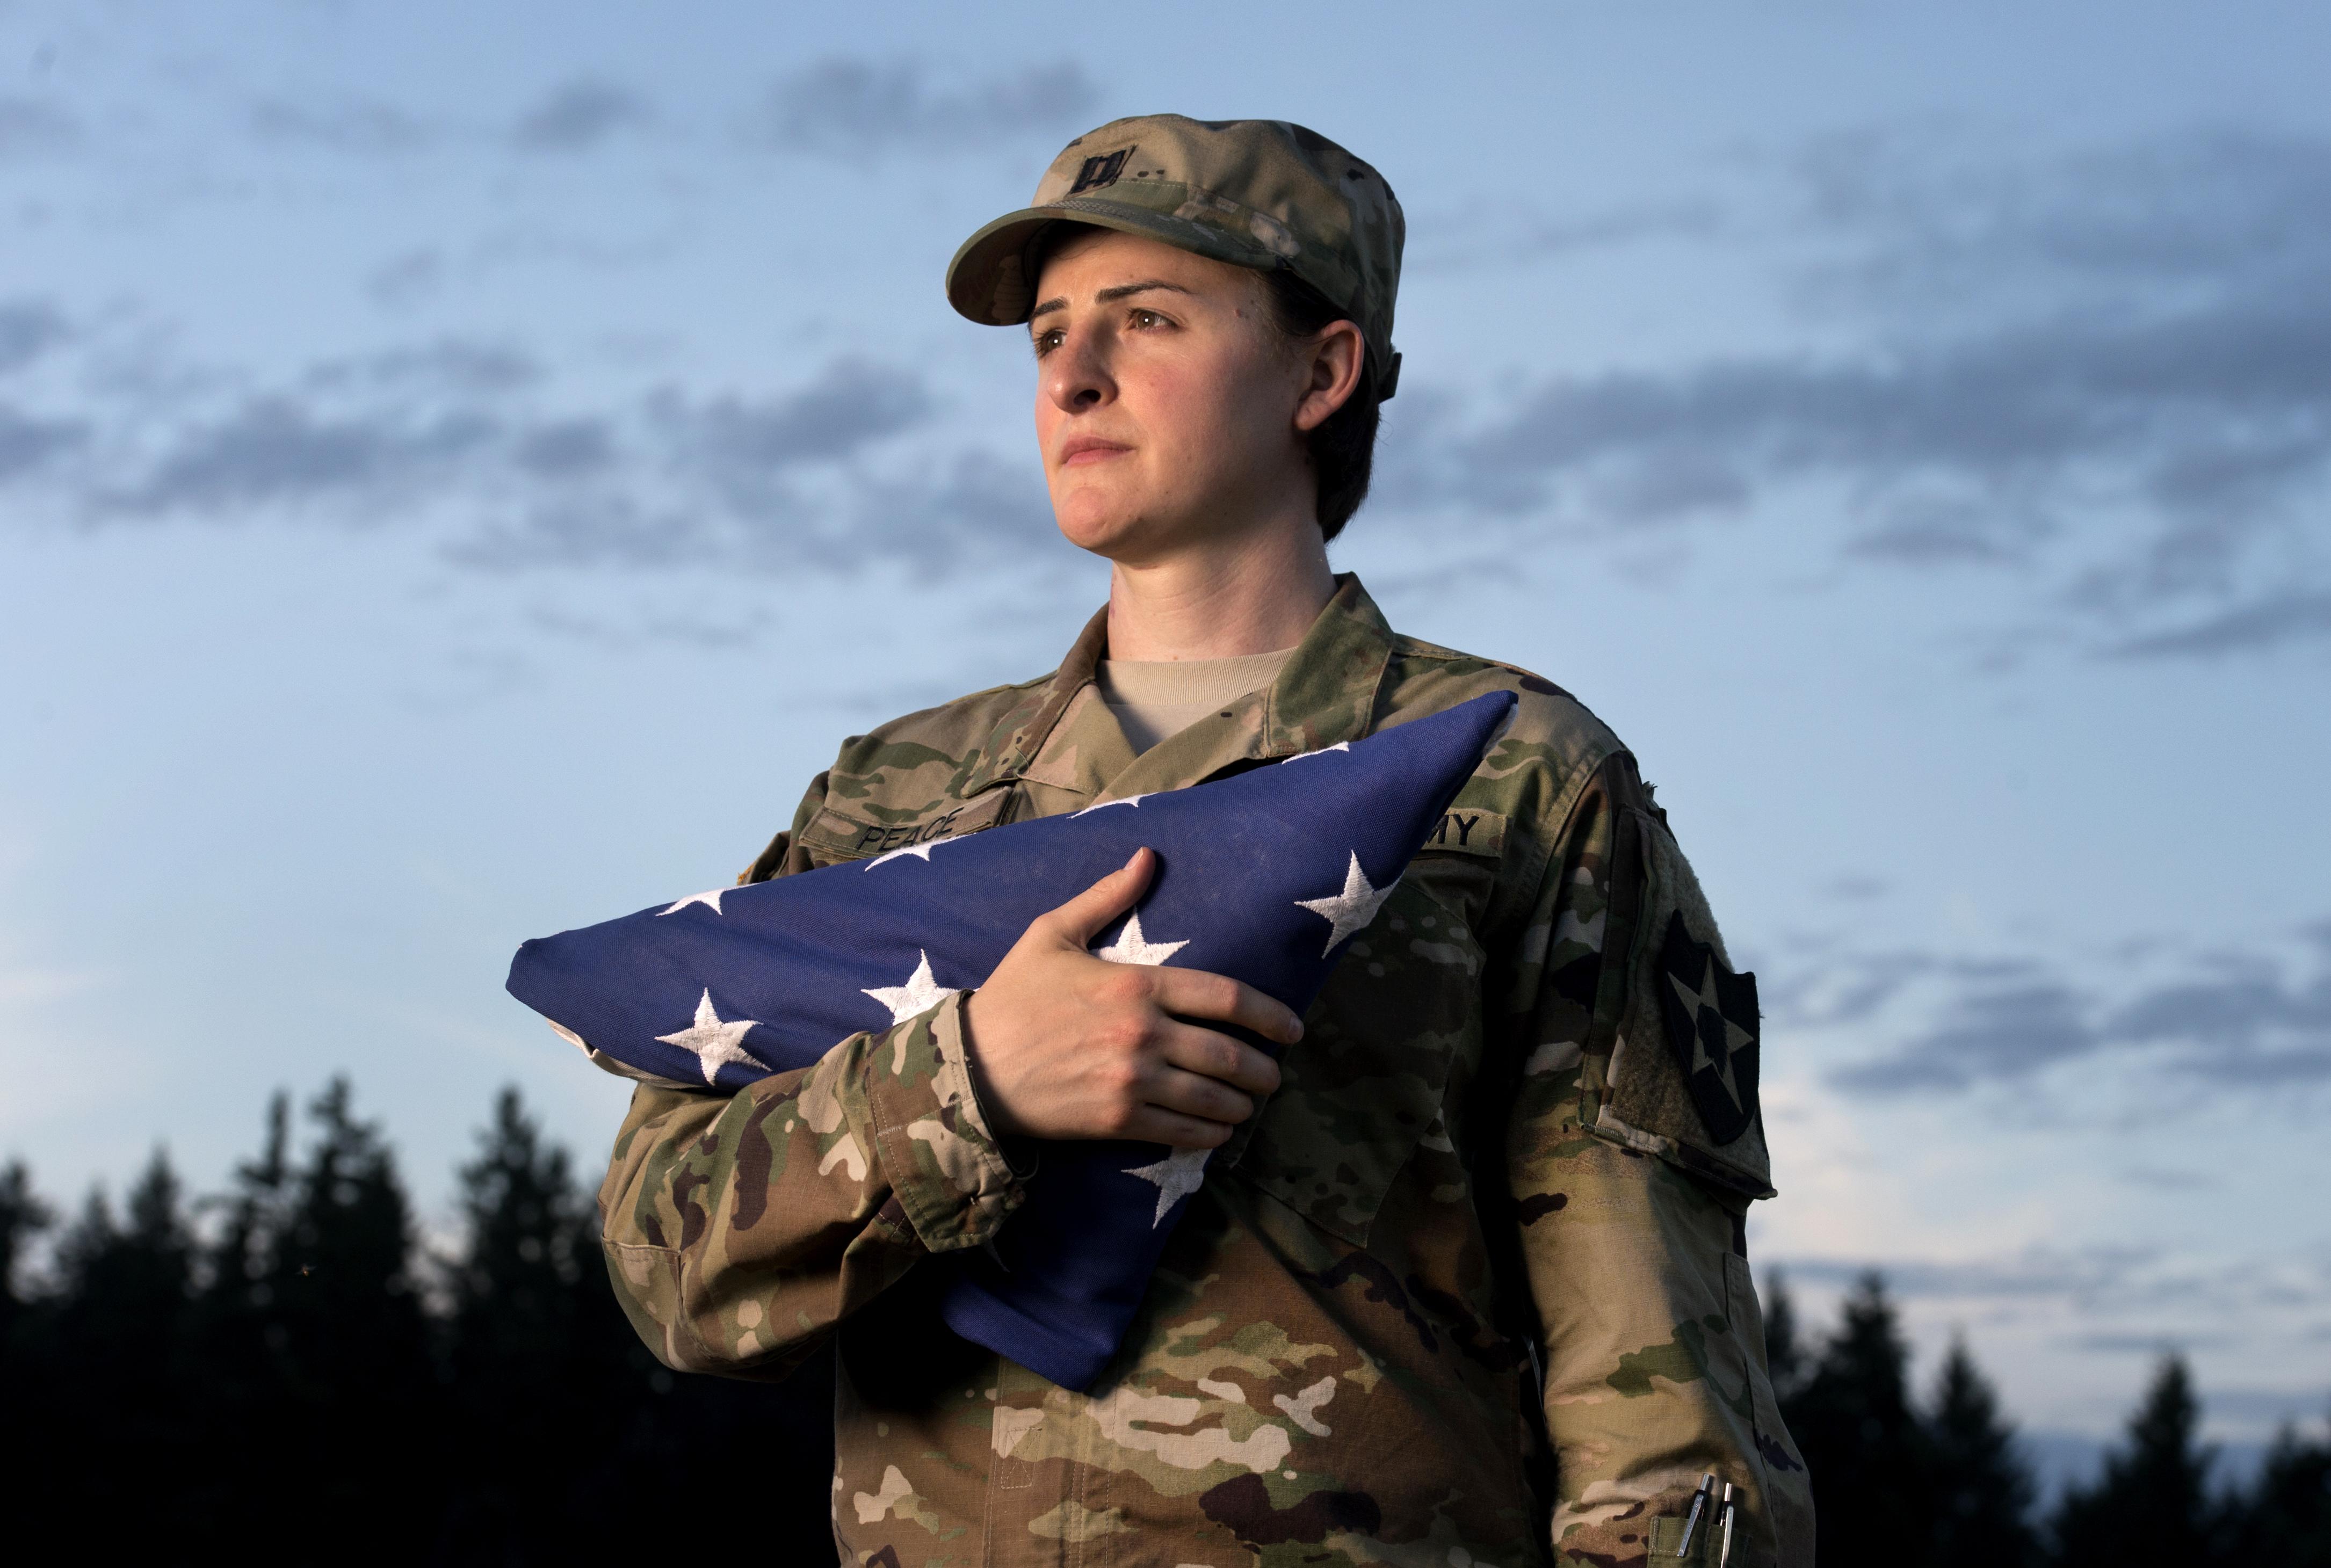 Trump directive sparks criticism among transgender troops